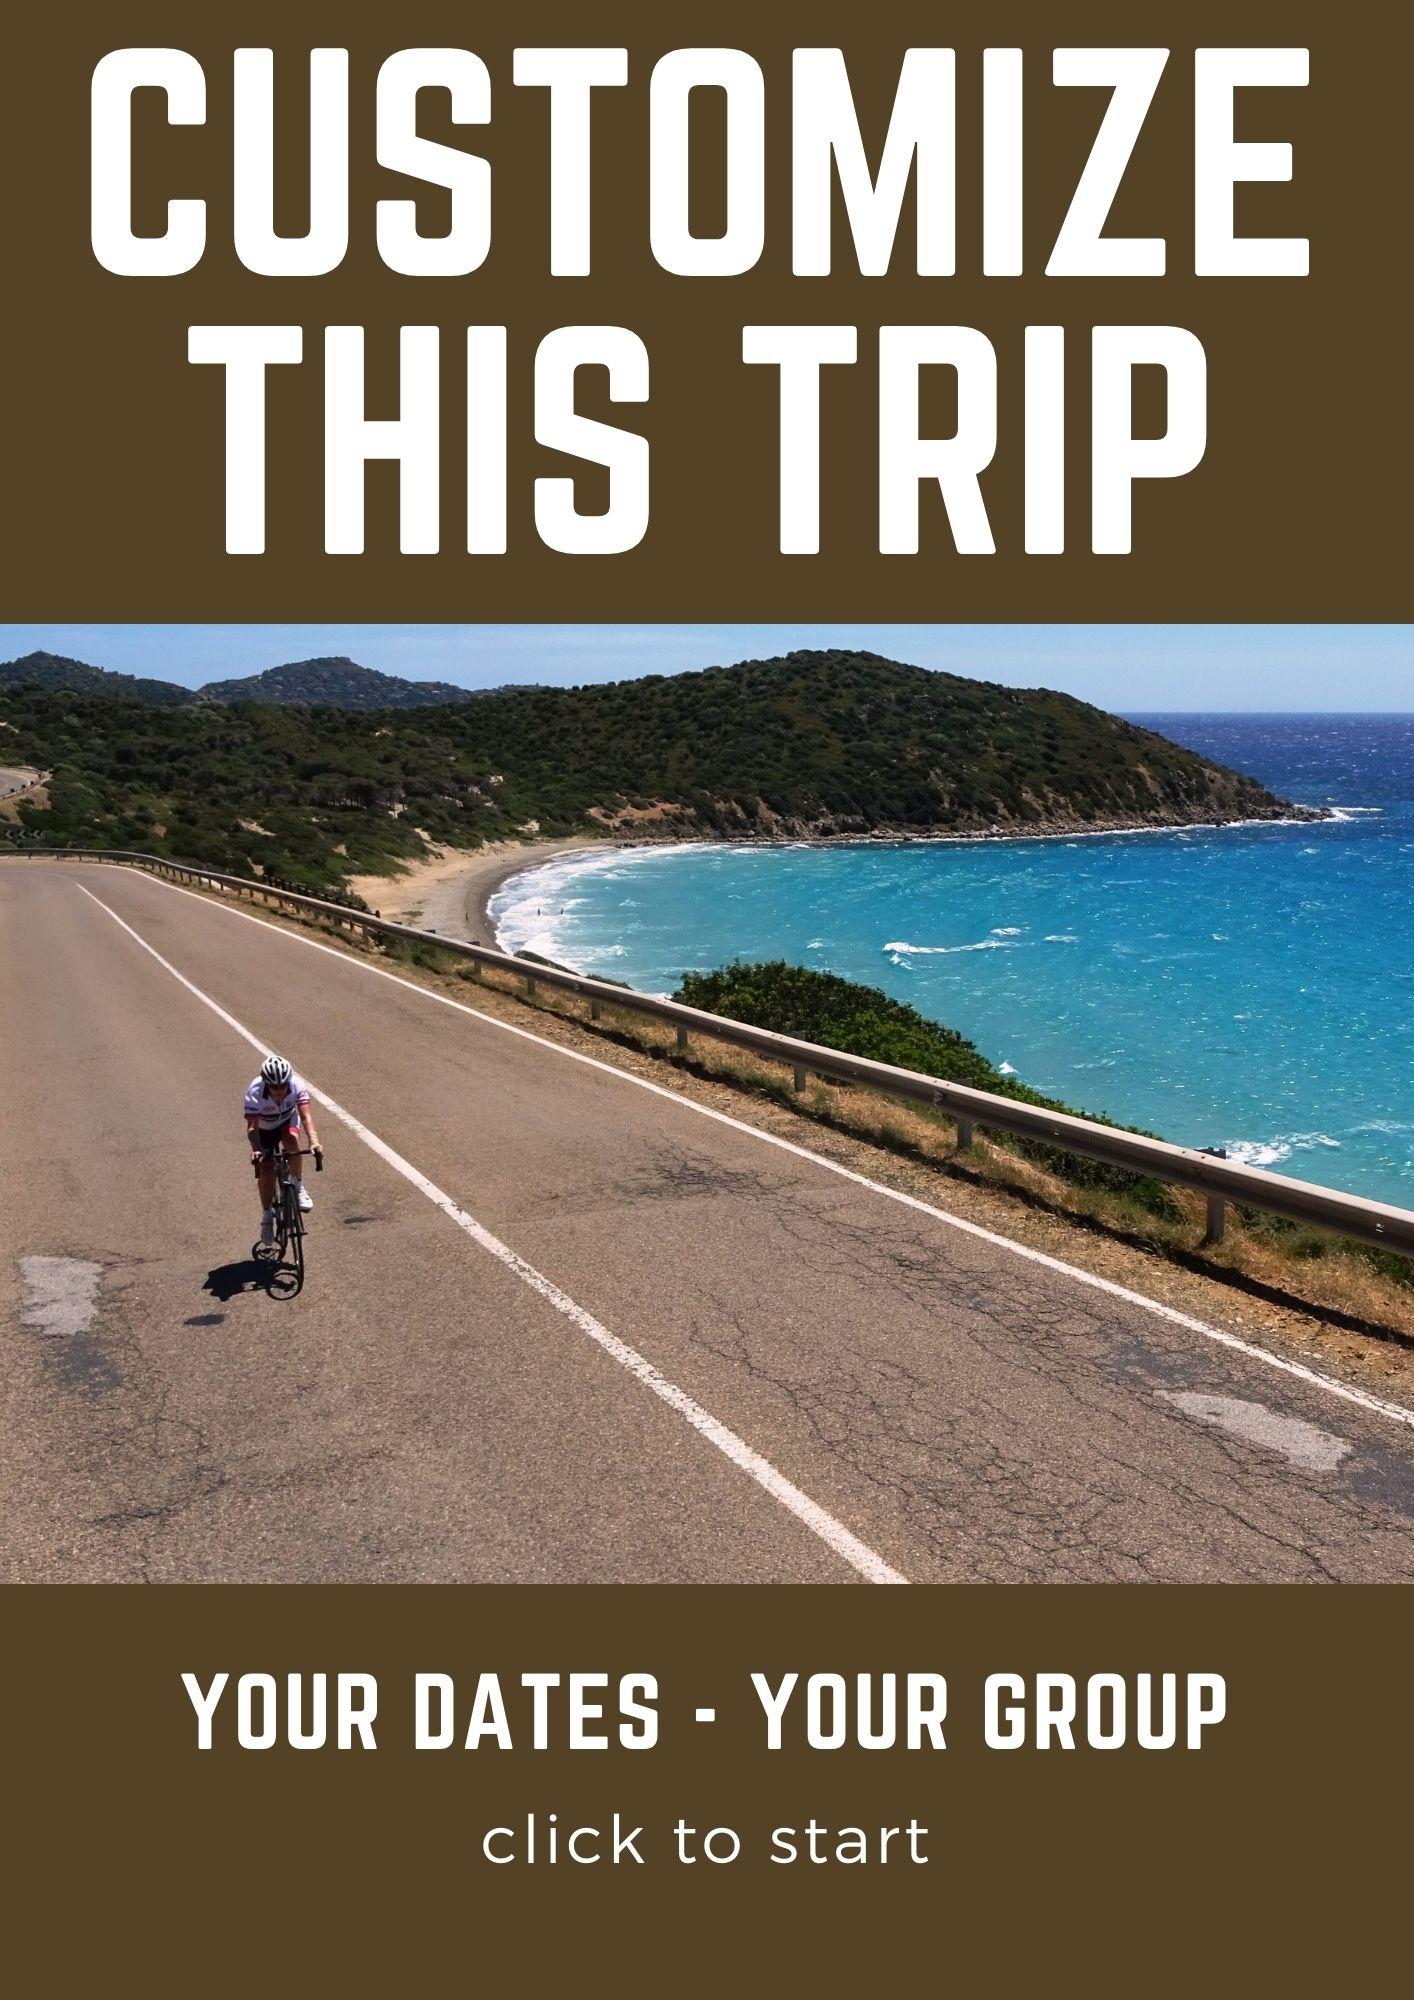 Customize this trip Sardinia